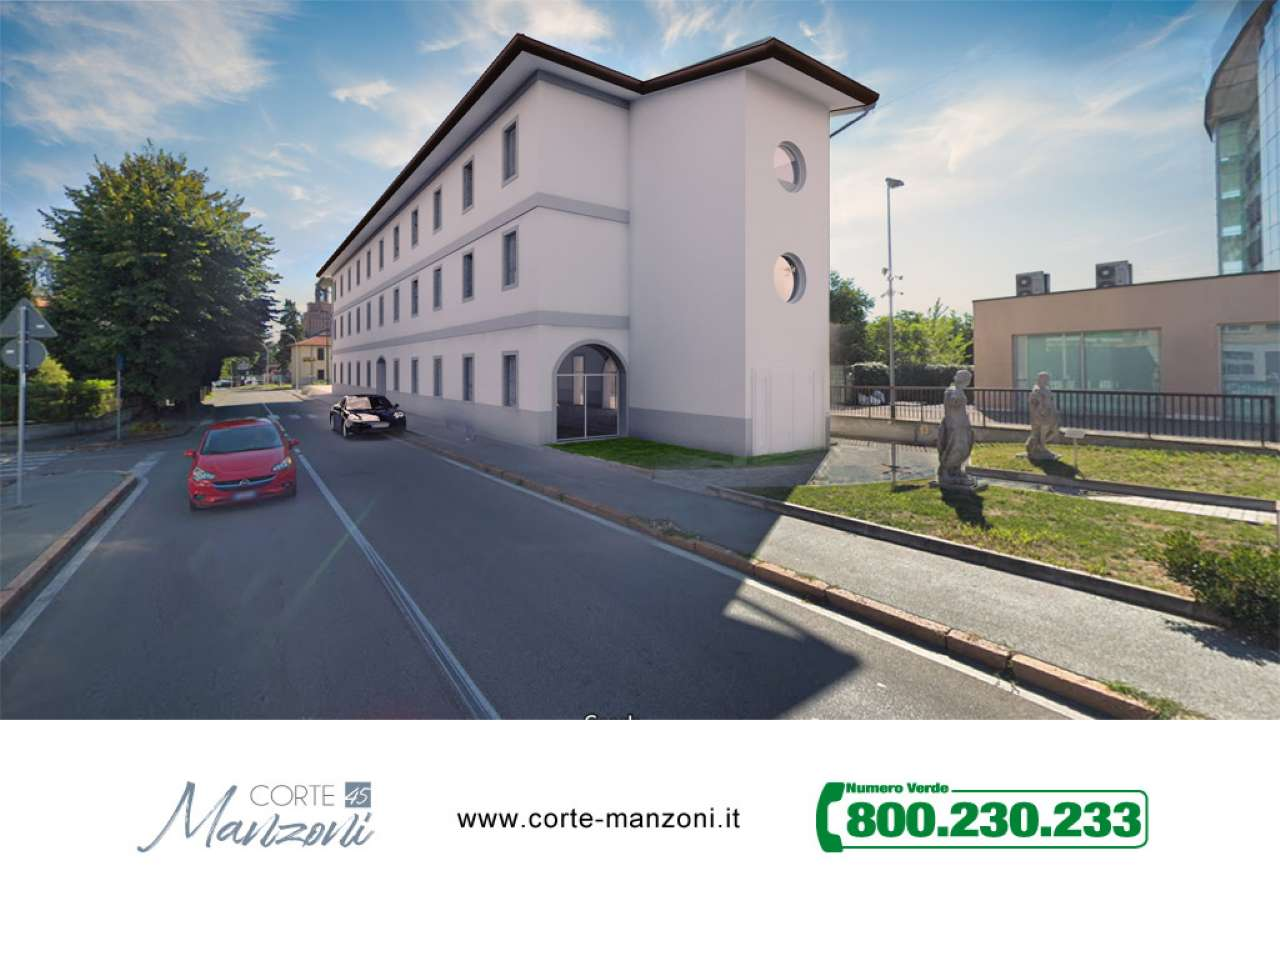 Nuovo appartamento di tre locali in Corte Manzoni, foto 9